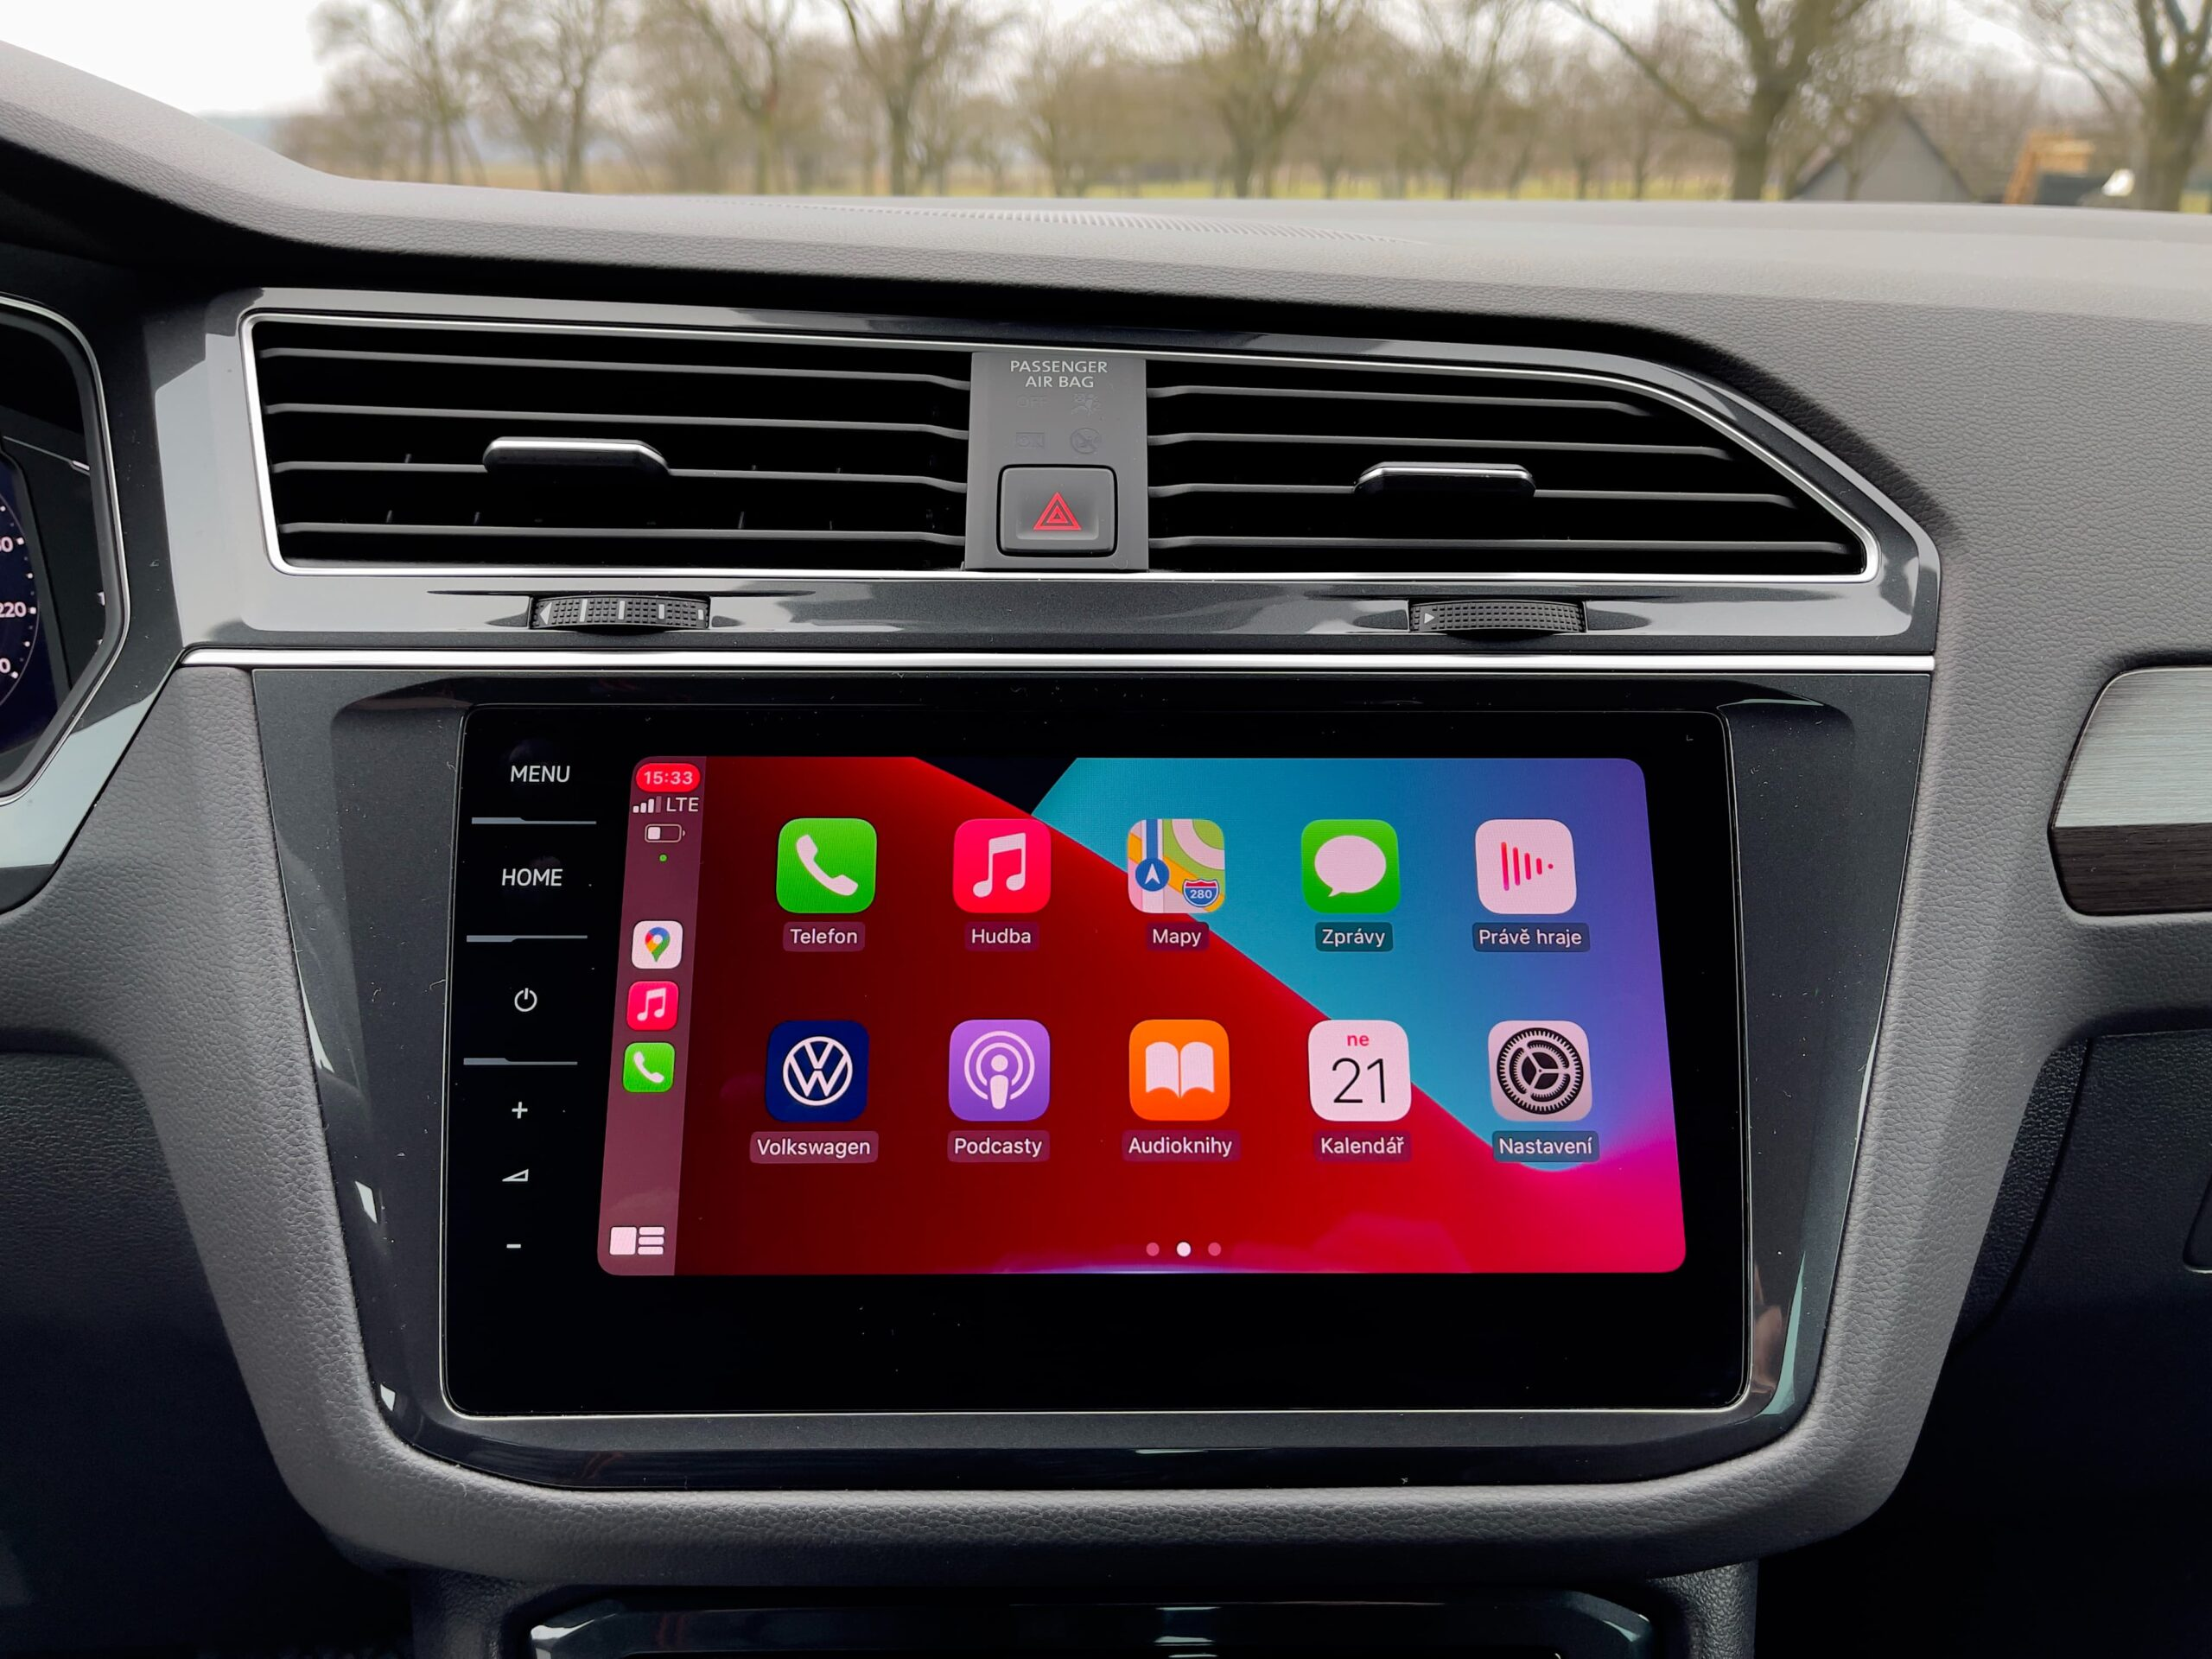 Volkswagen_Tiguan_apple_carplay_1